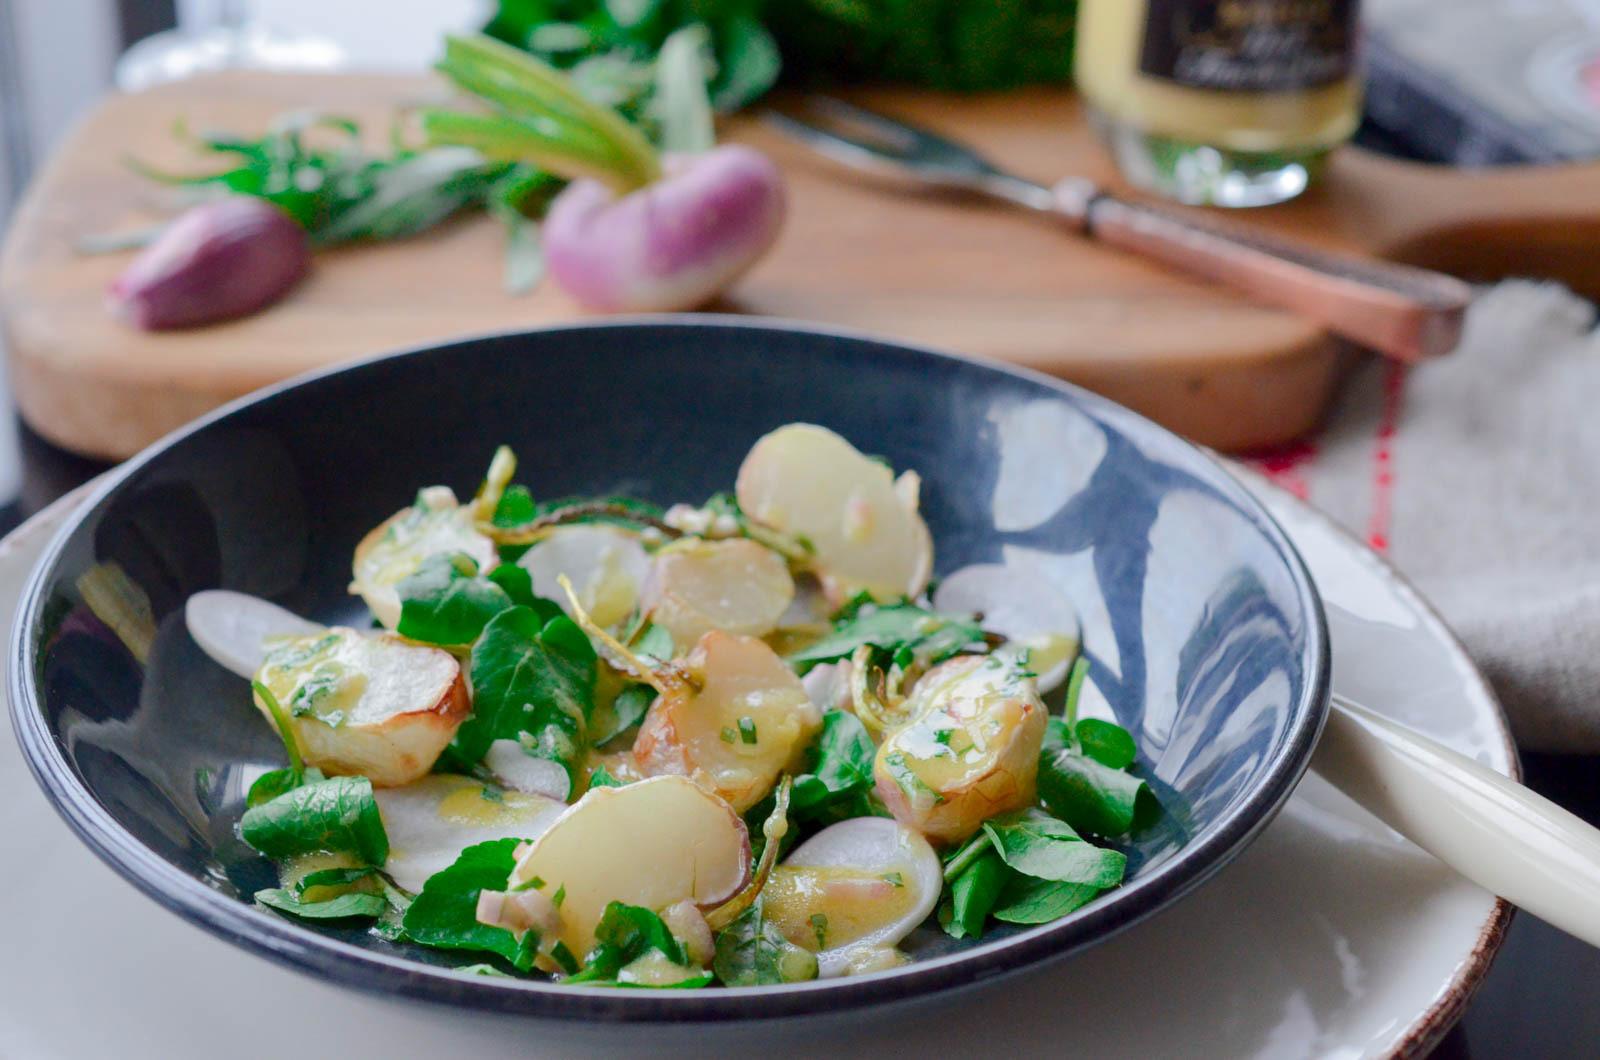 Salade de navets cur cuit, sauce crémeuse à l'estragon